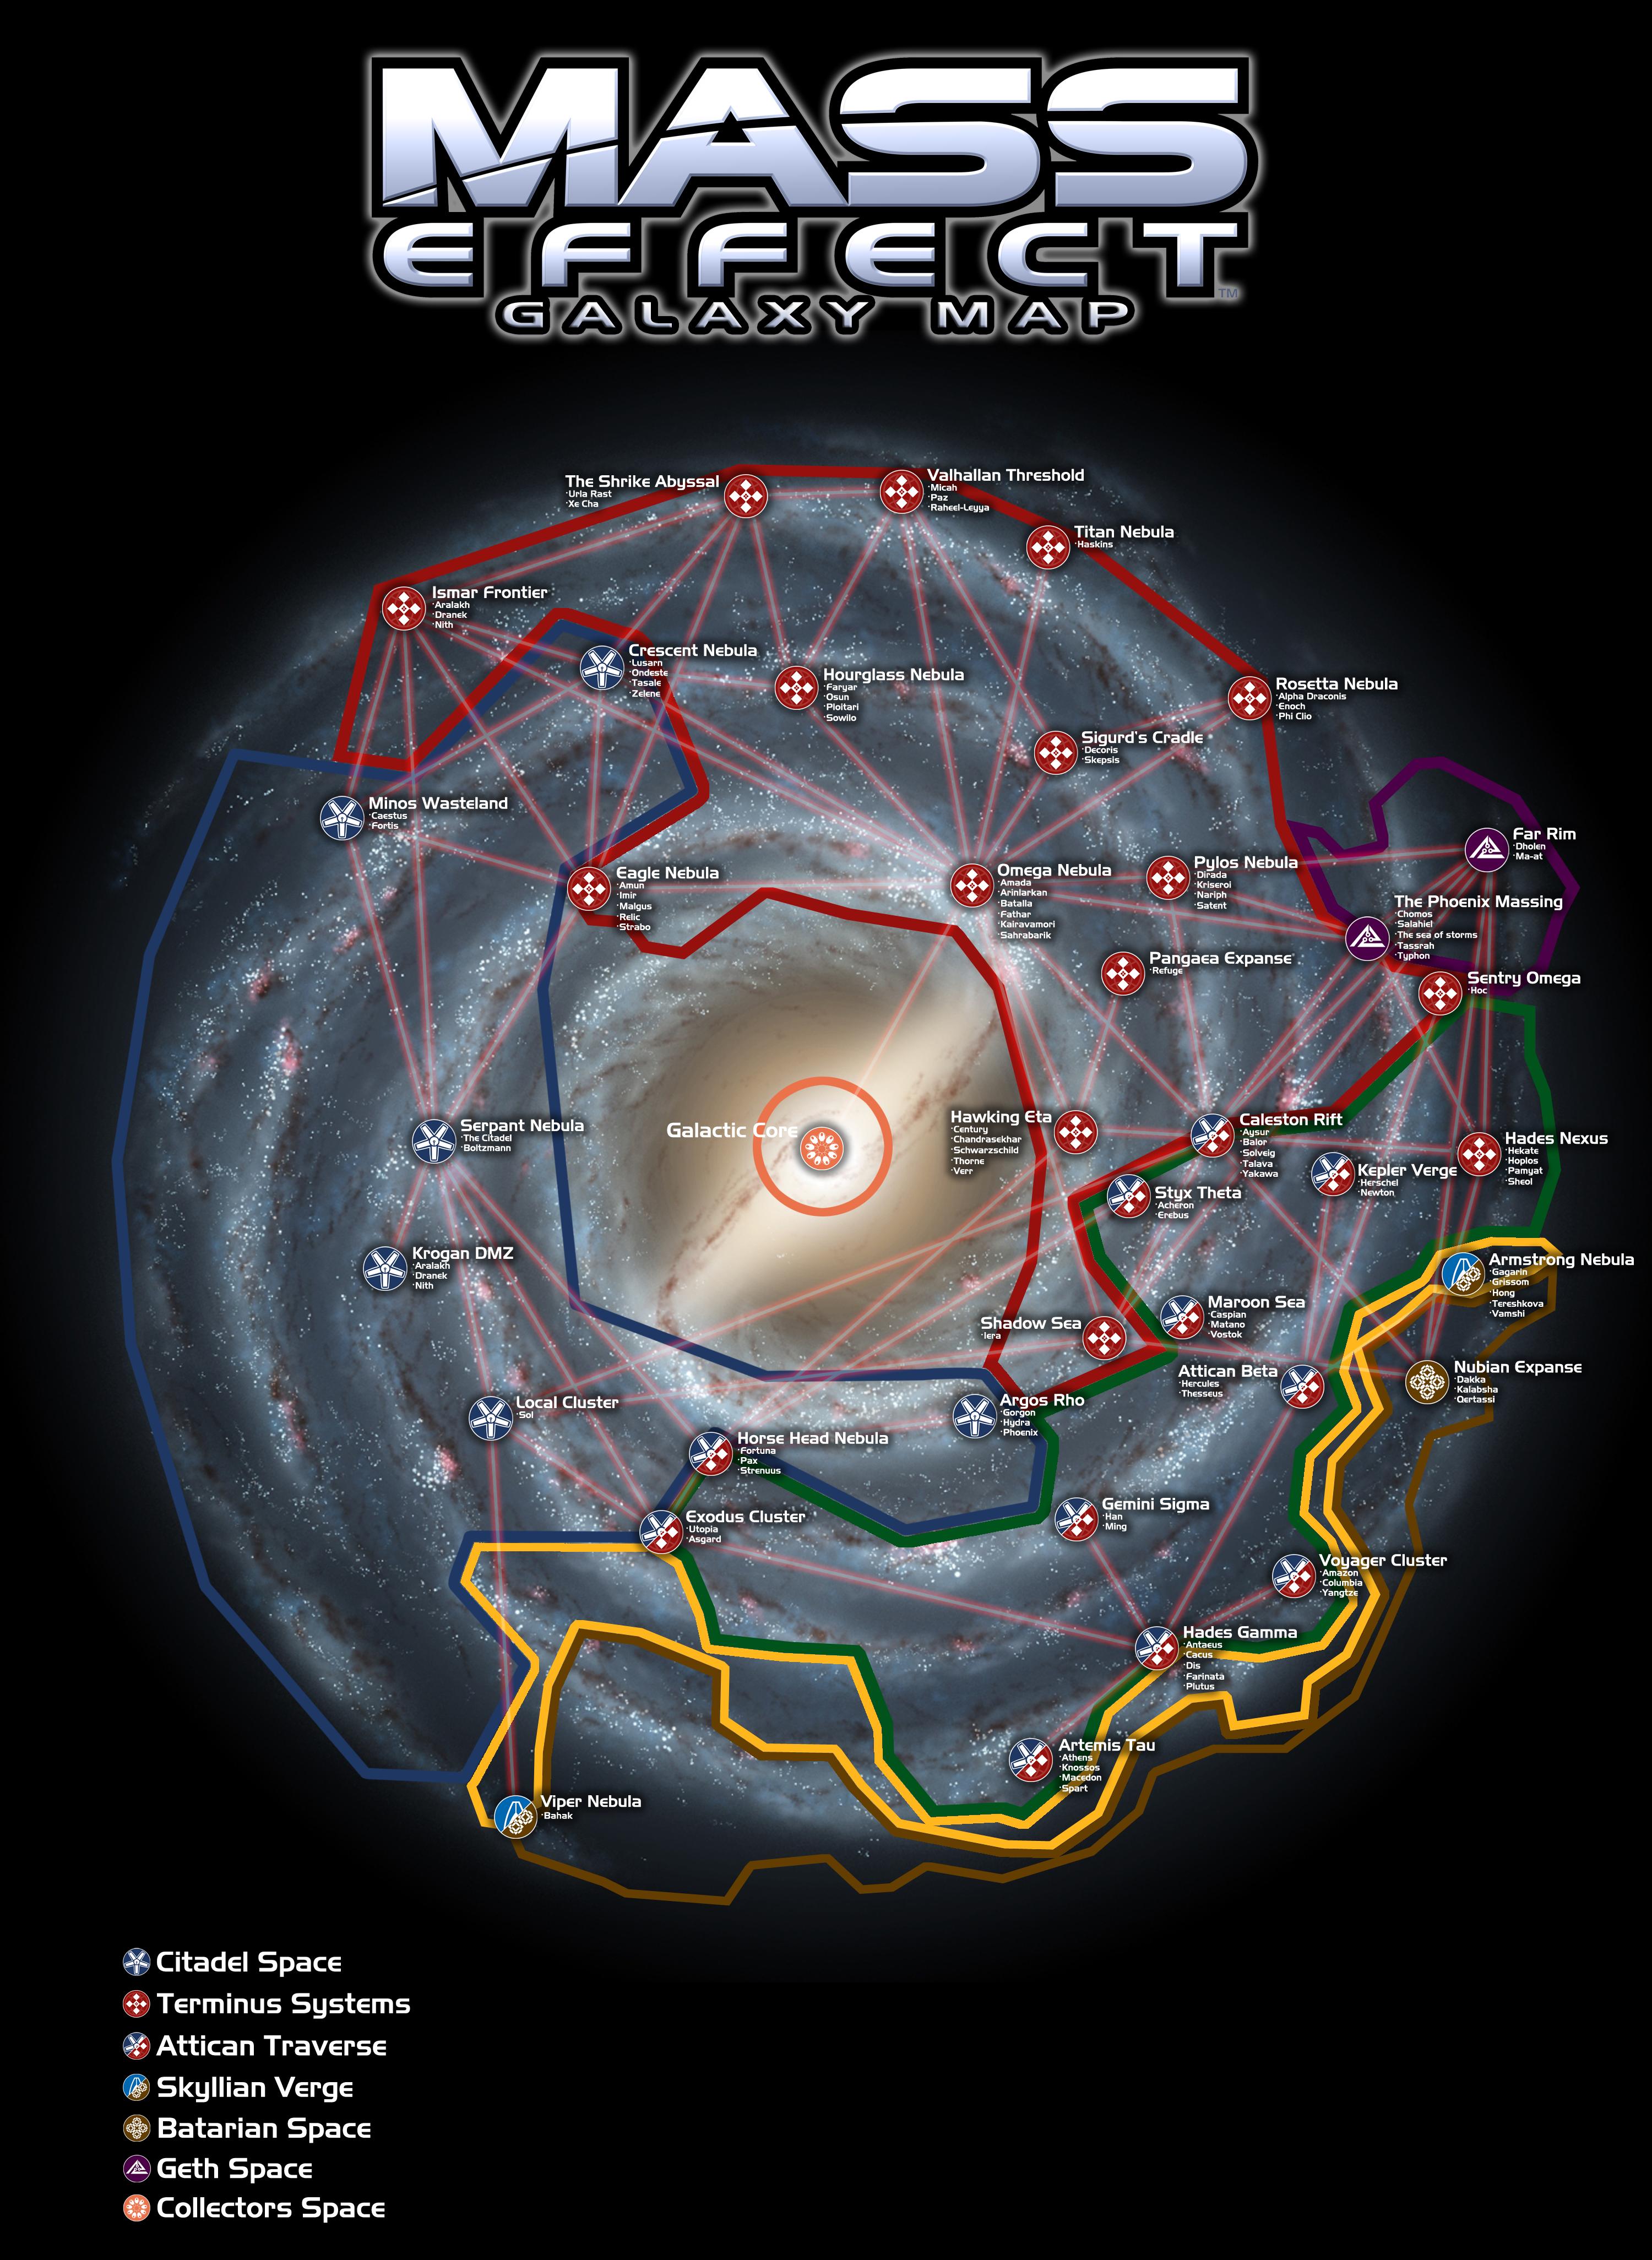 Как в mass effect 3 сделать 100 готовность галактики